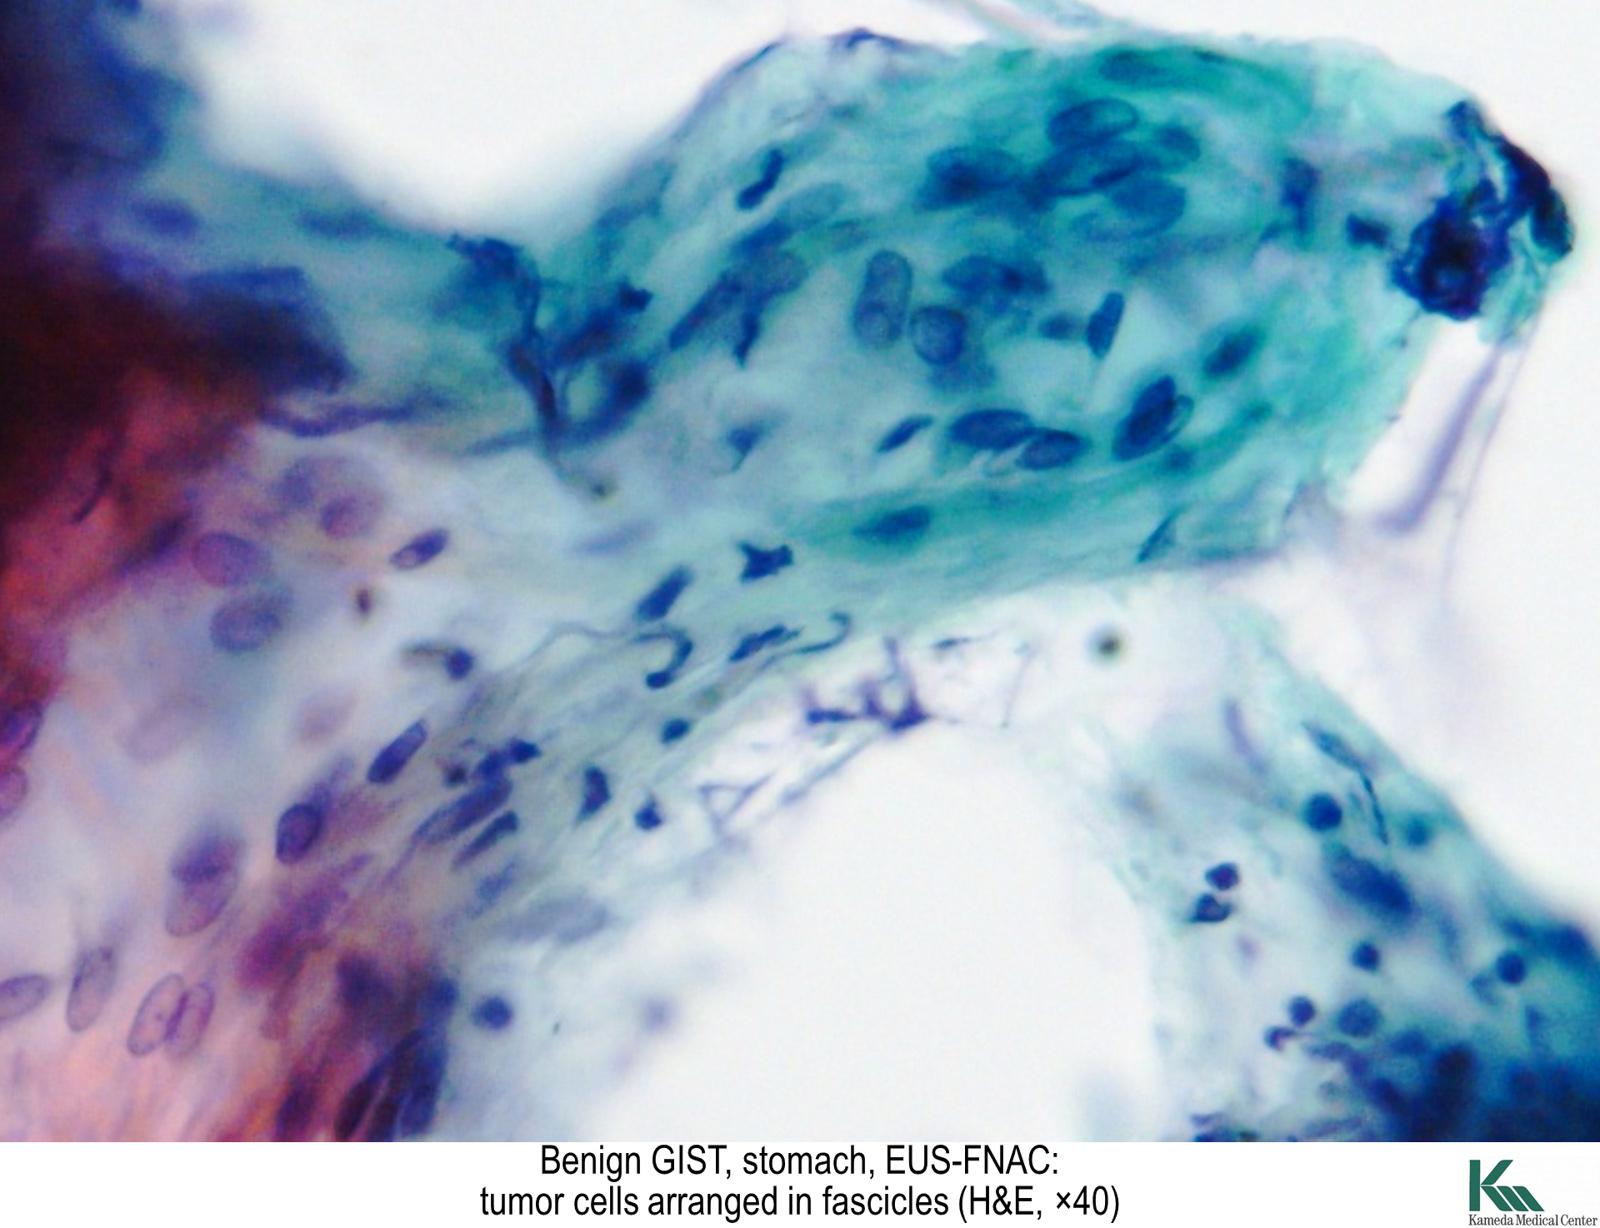 Pathology Outlines  Gastrointestinal stromal tumor GIST